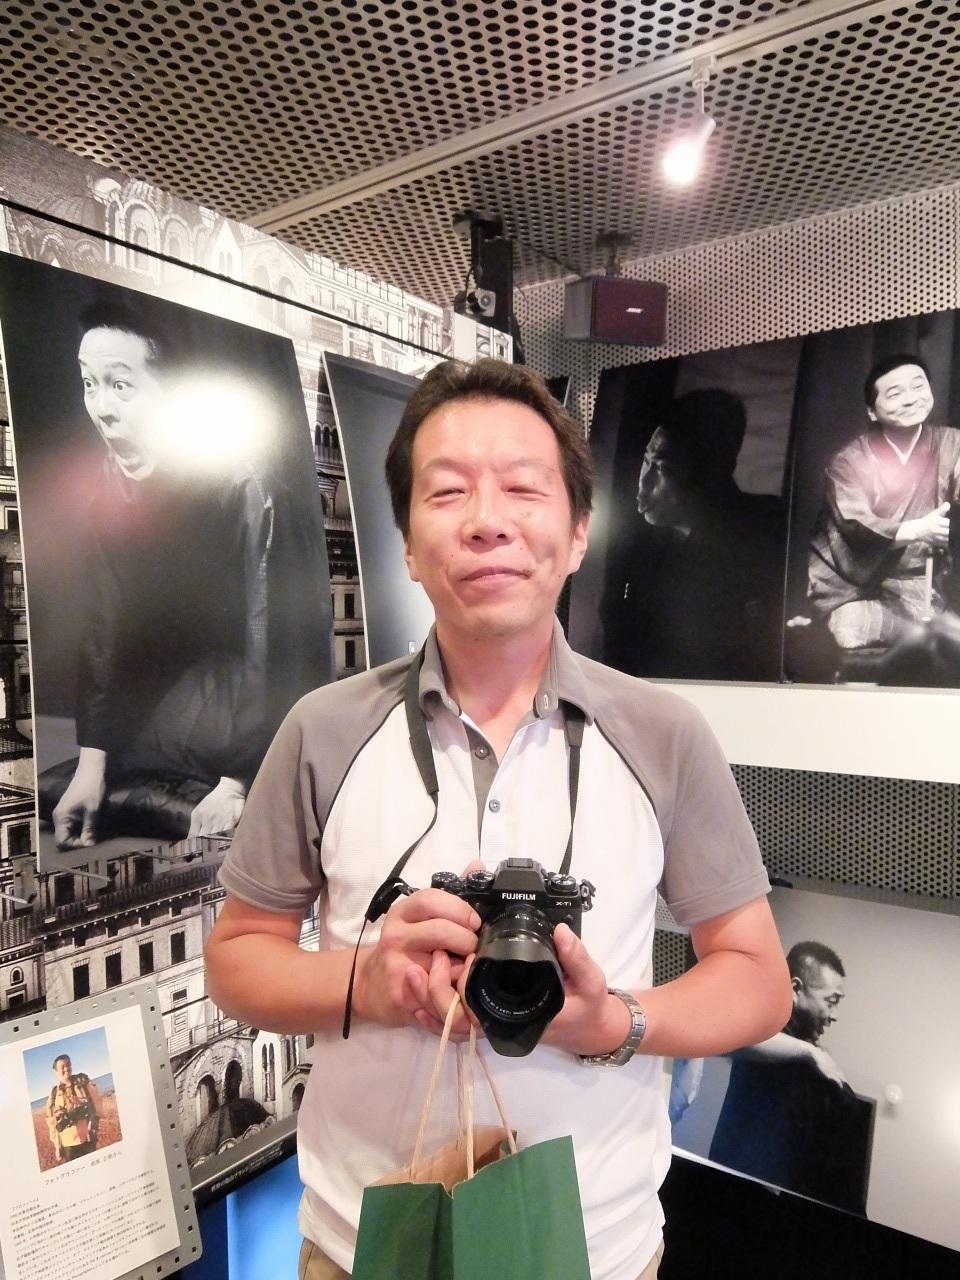 クランプラー銀座写真展 多くのお客様がお見えです_f0050534_07393204.jpg